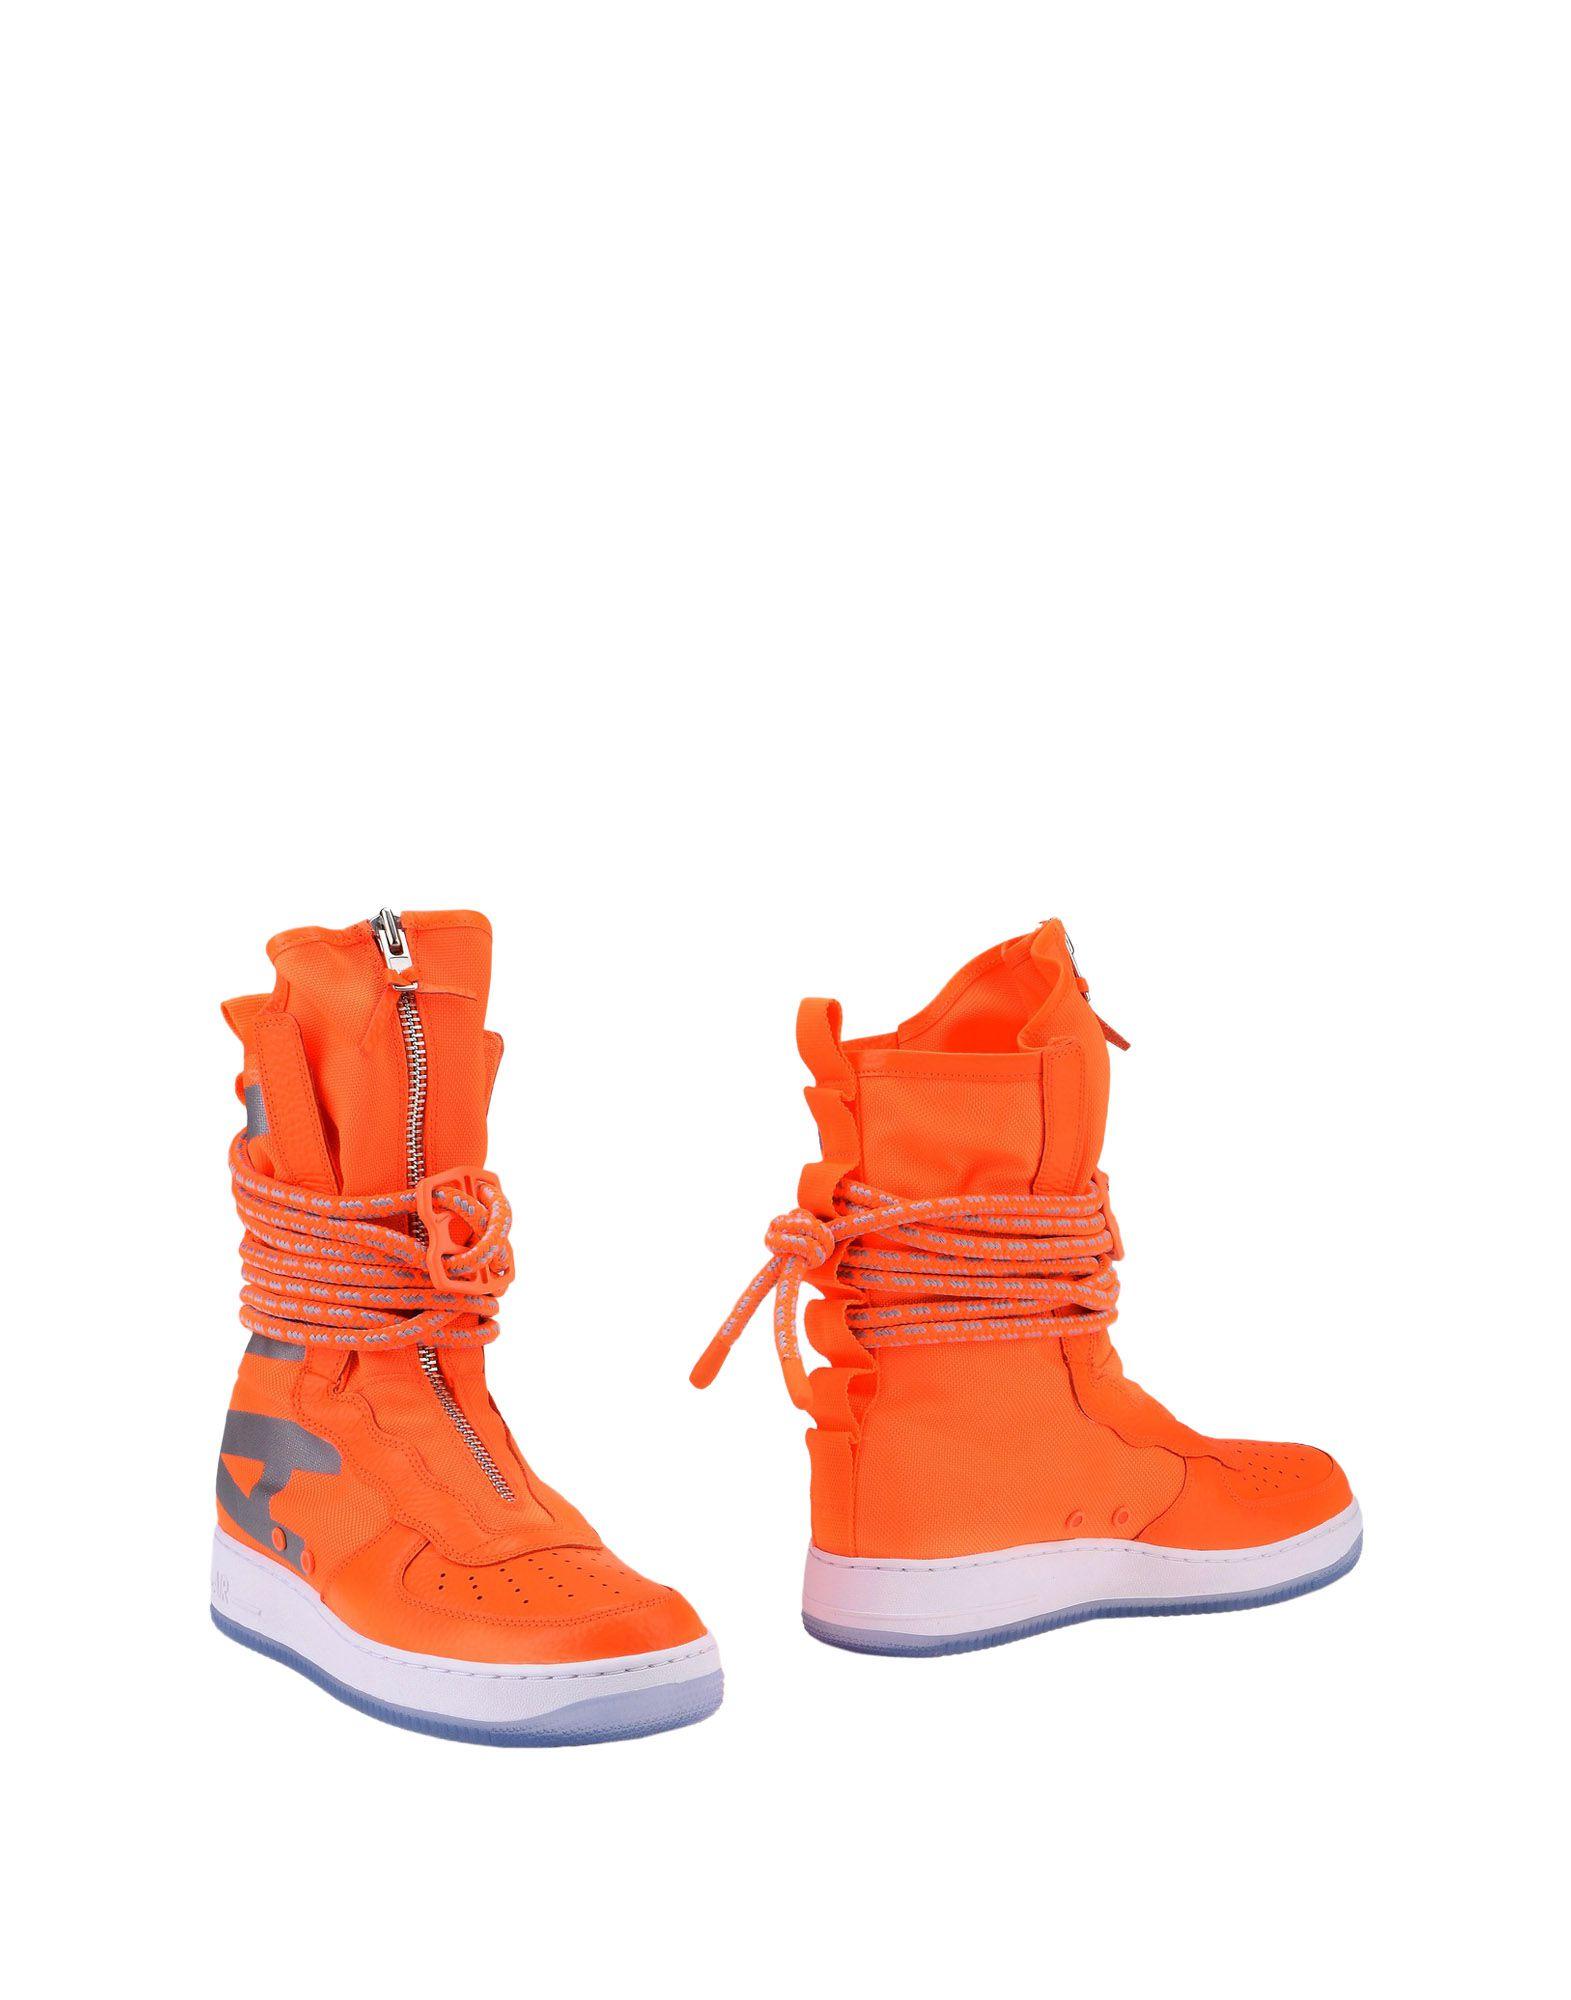 Stivaletti Nike Sf Af1 Hi - Uomo - 11404915LK